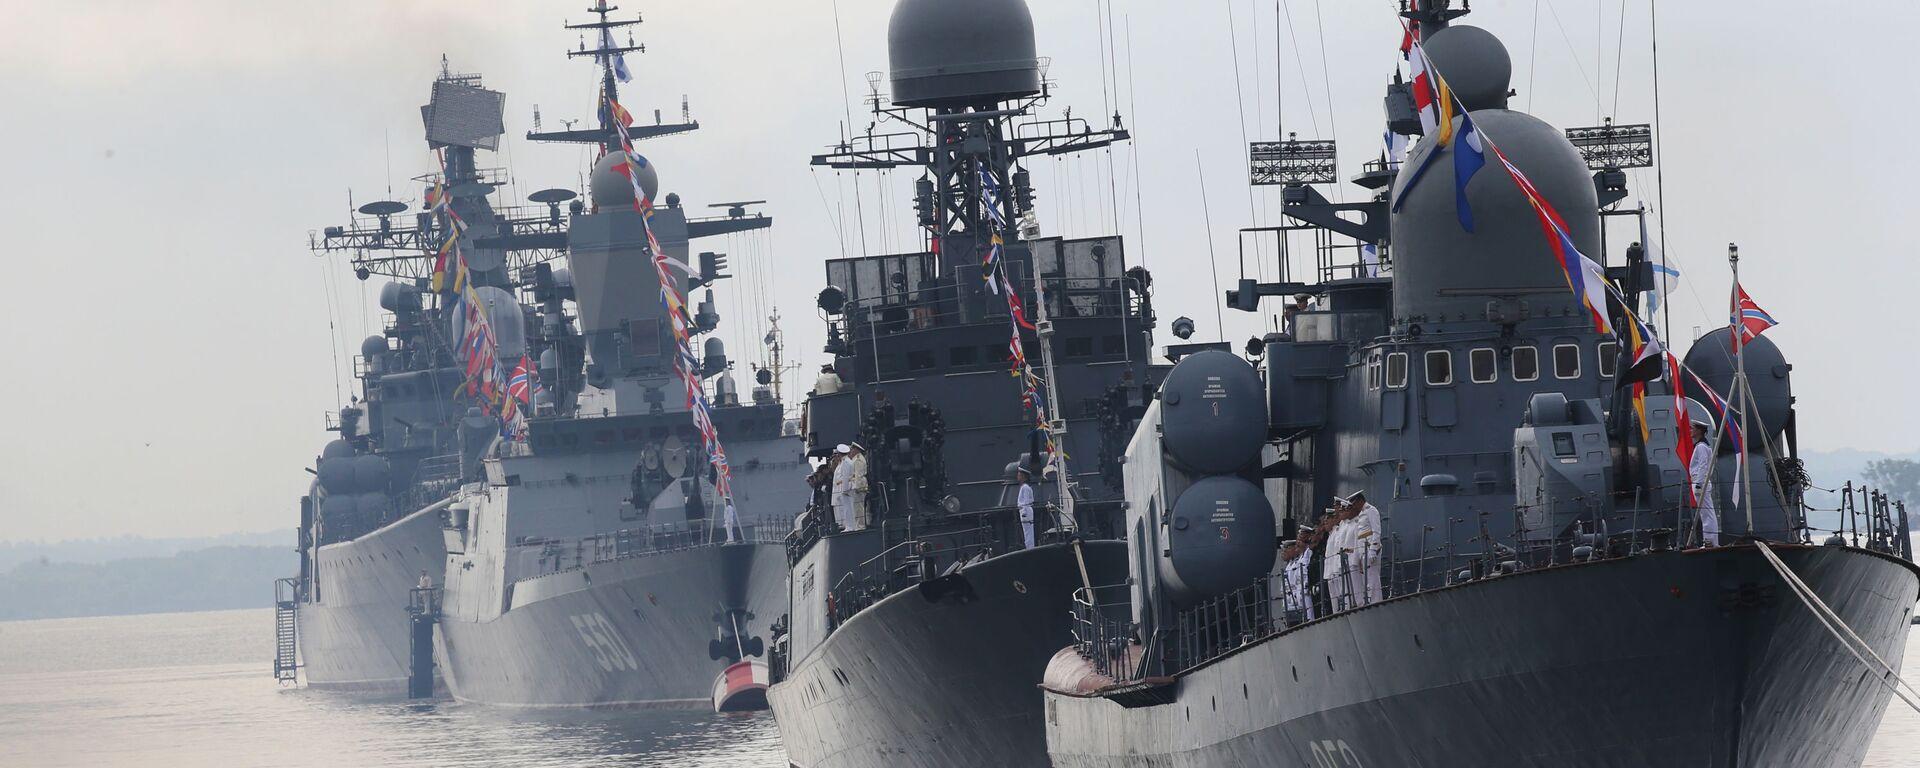 Raketový člun R-129 Kuzněck a lodě Baltského námořnictva v přední linii během generální zkoušky Námořní přehlídky věnované dni ruského námořnictva - Sputnik Česká republika, 1920, 03.07.2021